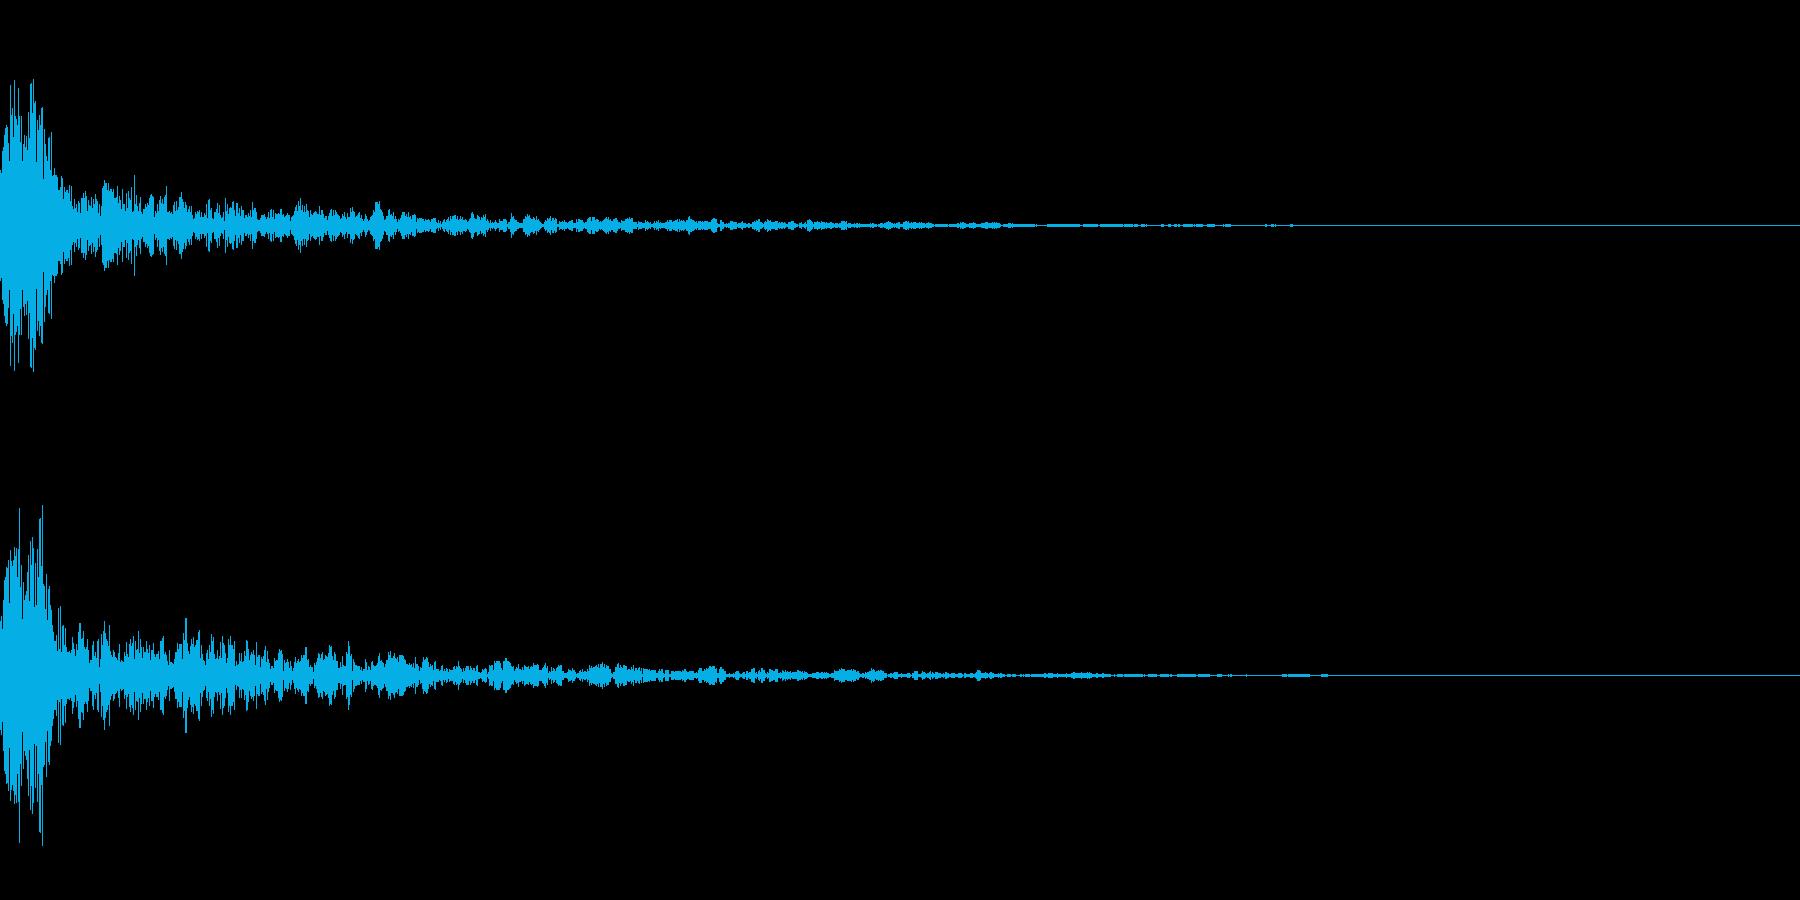 ドーン-20-1(インパクト音)の再生済みの波形